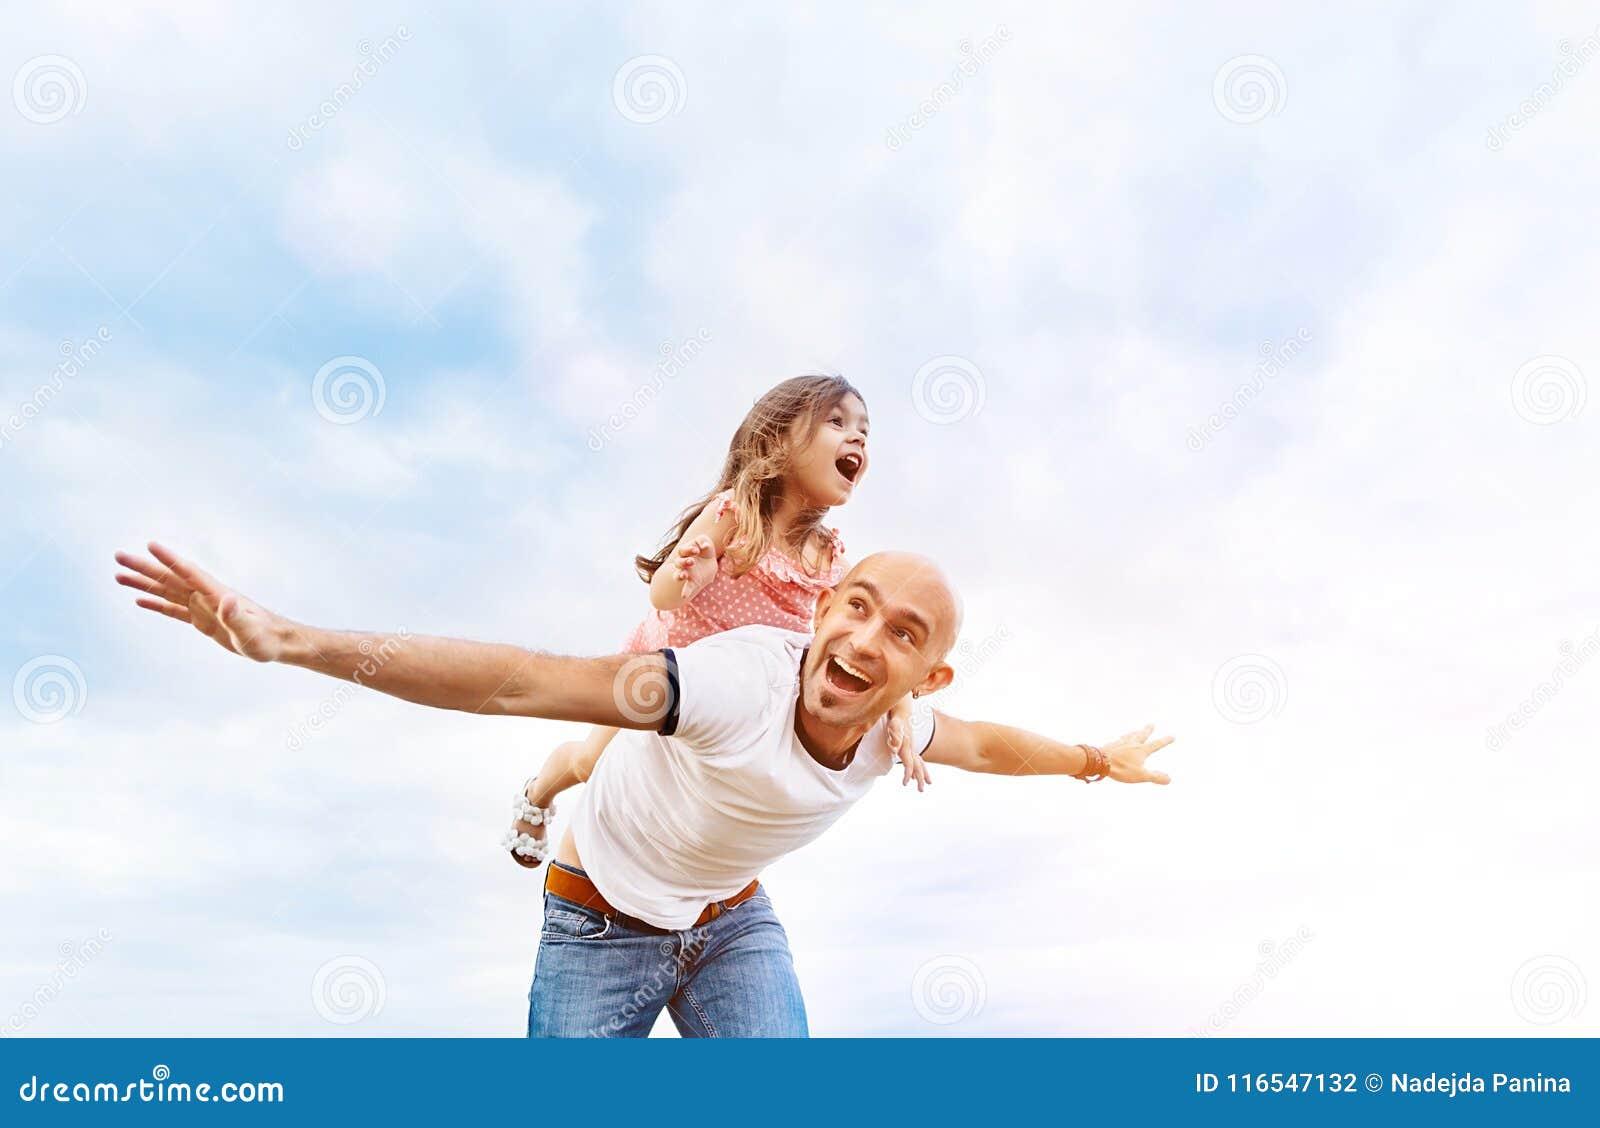 Fathrer e filha bonito que jogam como o avião